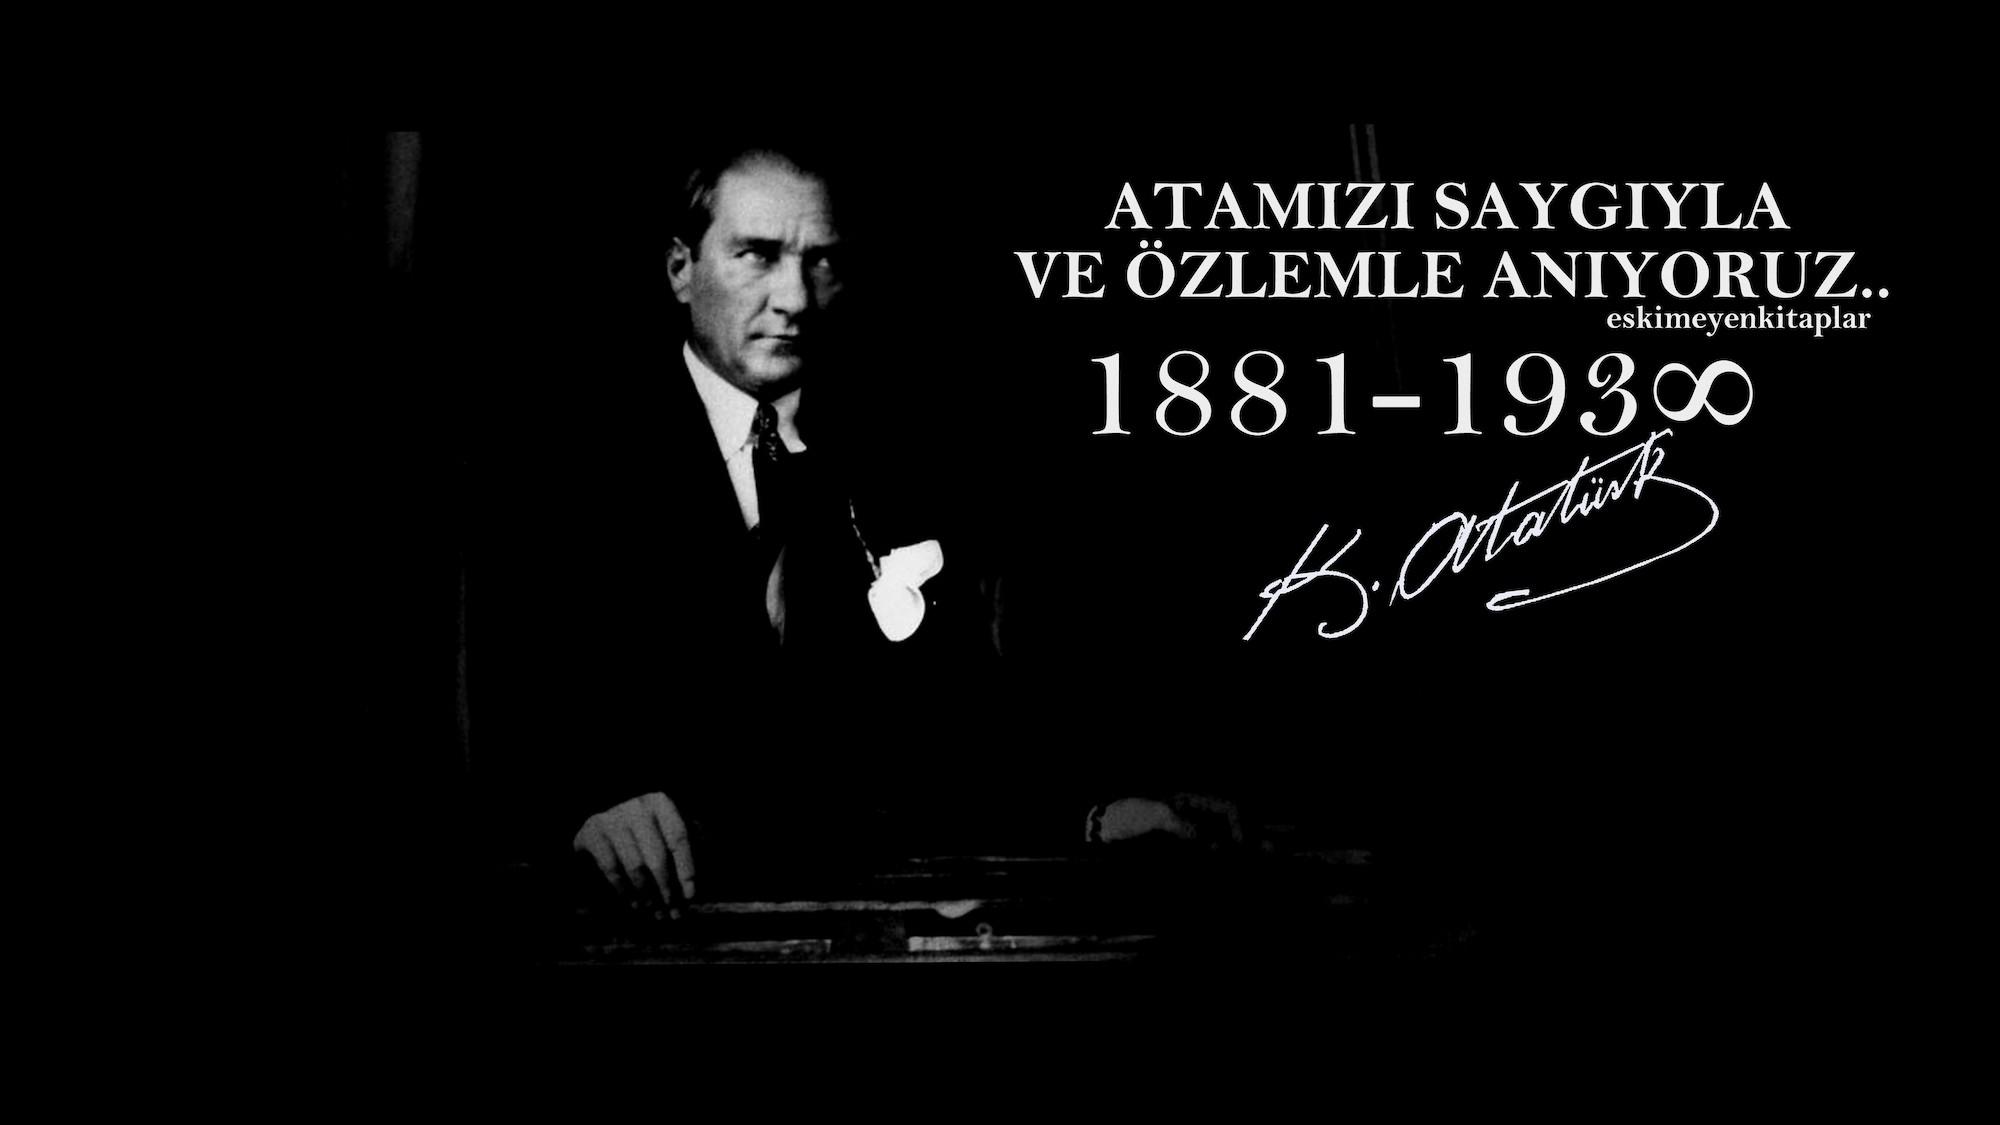 Atatürk'ü Anıyoruz 3 Boyutlu Resimli Duvar Kağıdı